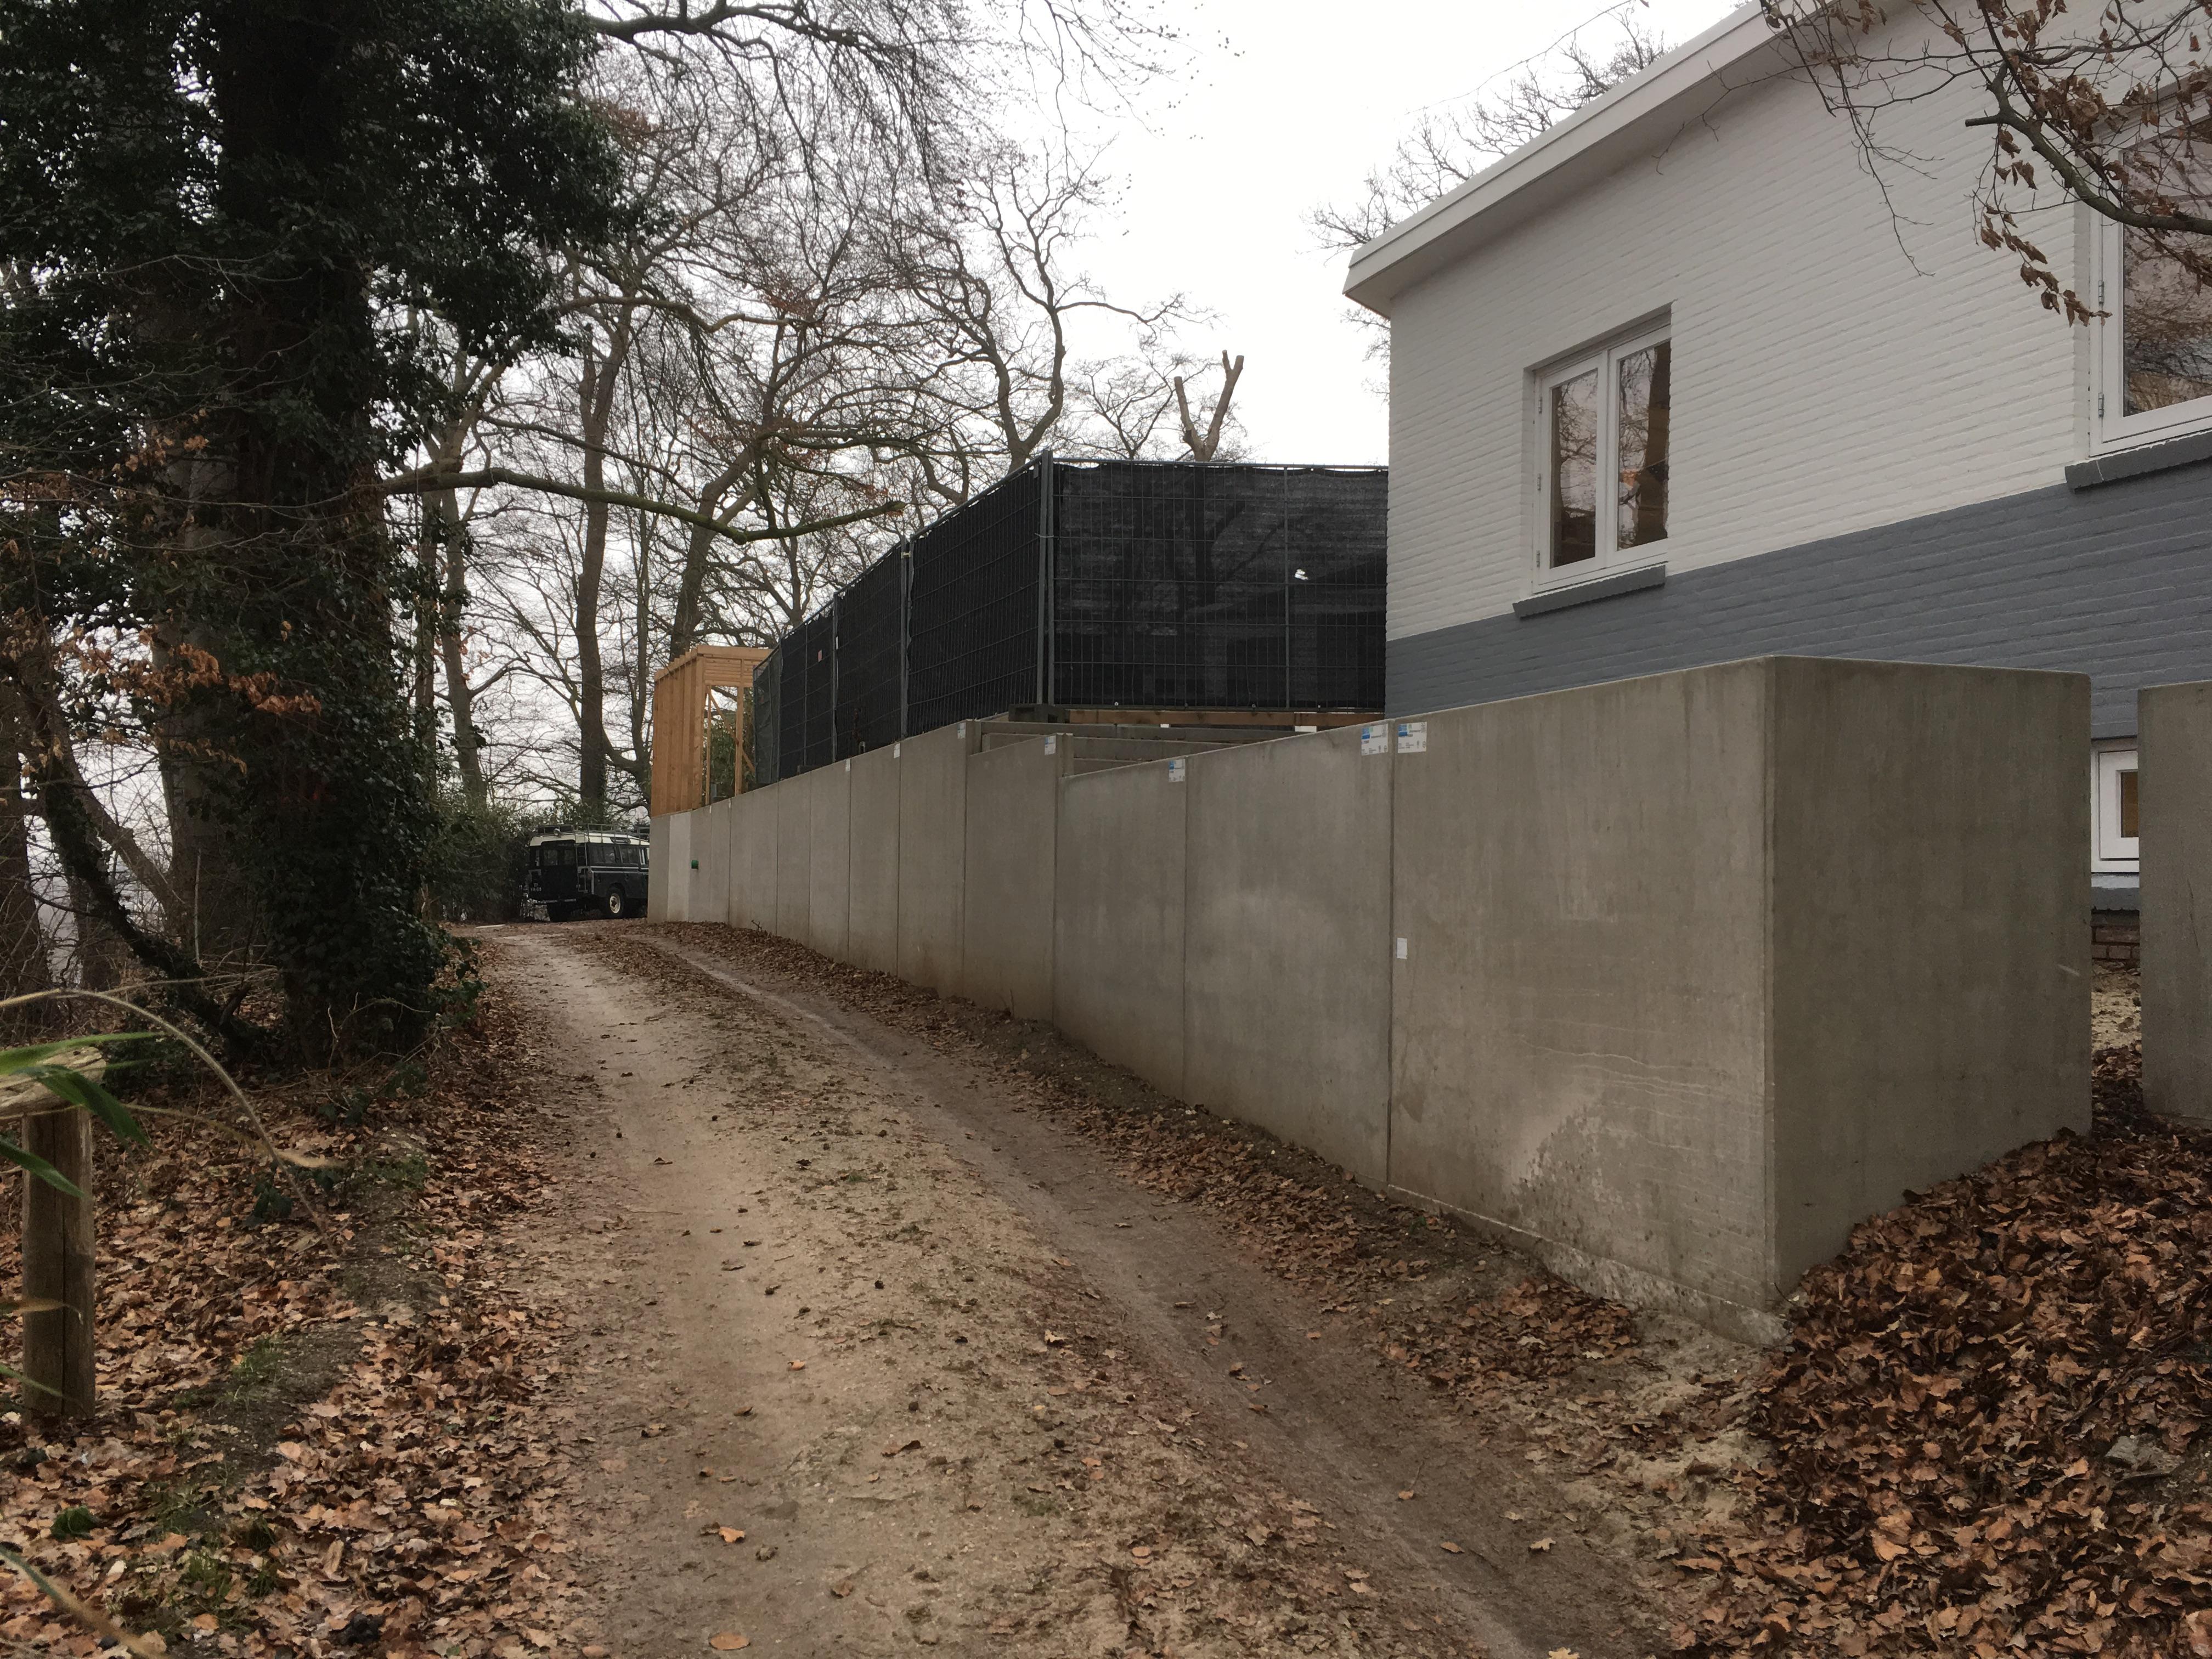 Mogelijkheid indienen bezwaarschrift Inrichting buitenruimte Kindercentrum Jacobiberg/ Bijeenkomst bezorgde buurtbewoners